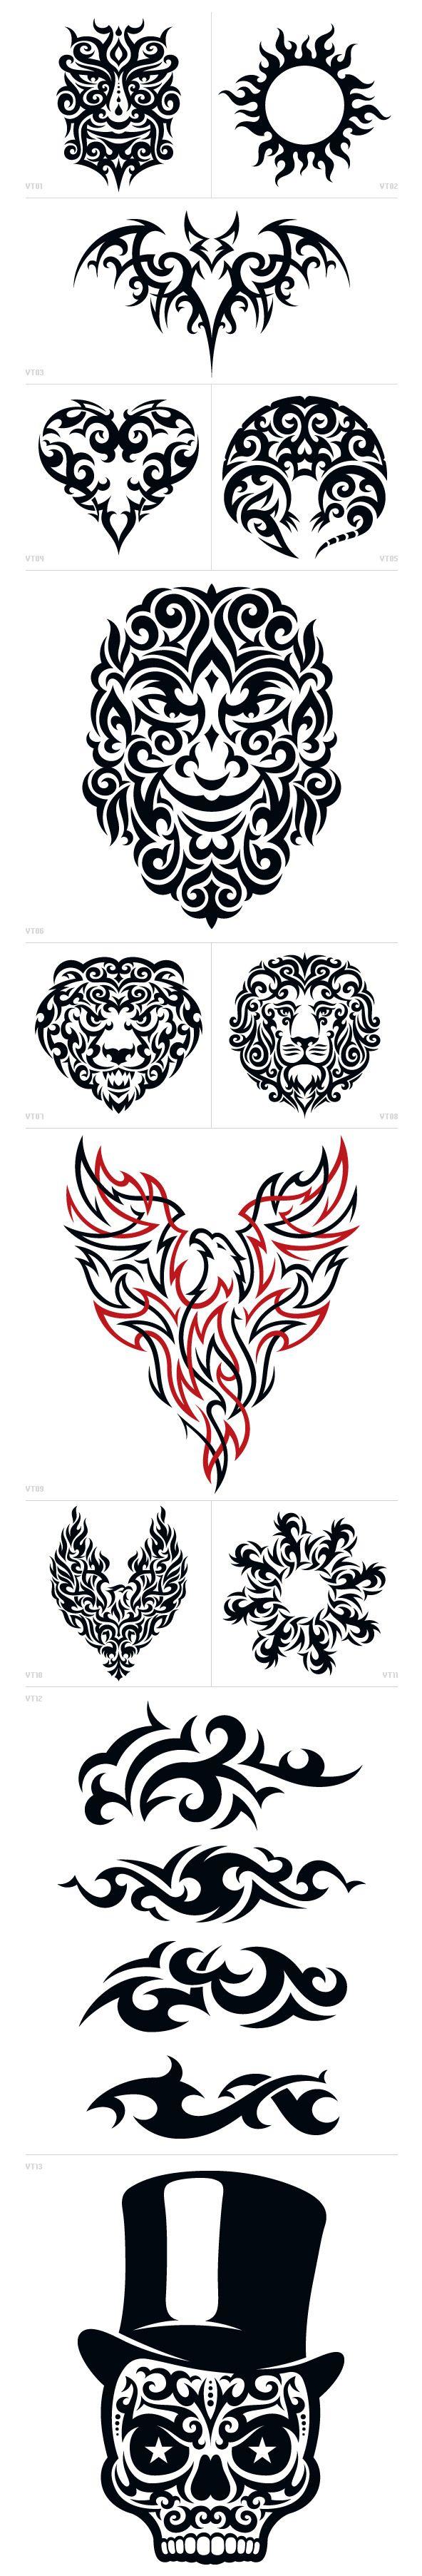 Vonster Tattoos – Tribal Tattoo Design :: Drawsigner: An illustrative design blog showcasing the creative work of Von Glitschka